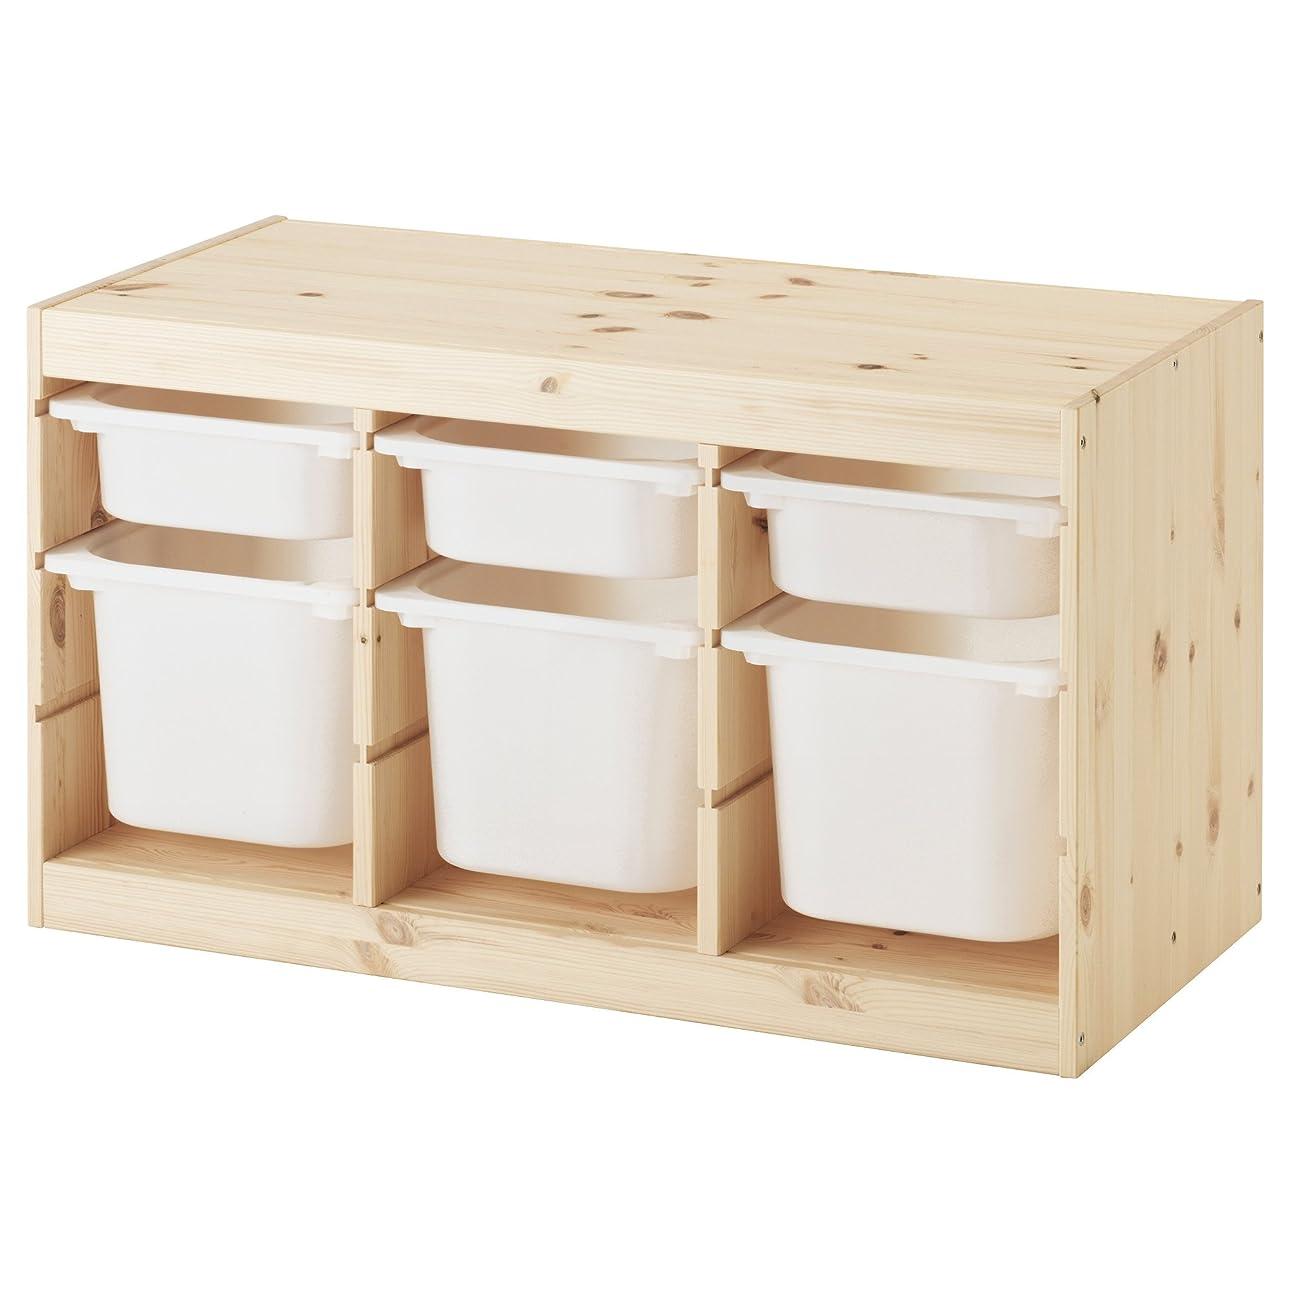 啓発するテロ肌【IKEA/イケア】TROFAST 収納コンビネーション, パイン材 ホワイト, ホワイト